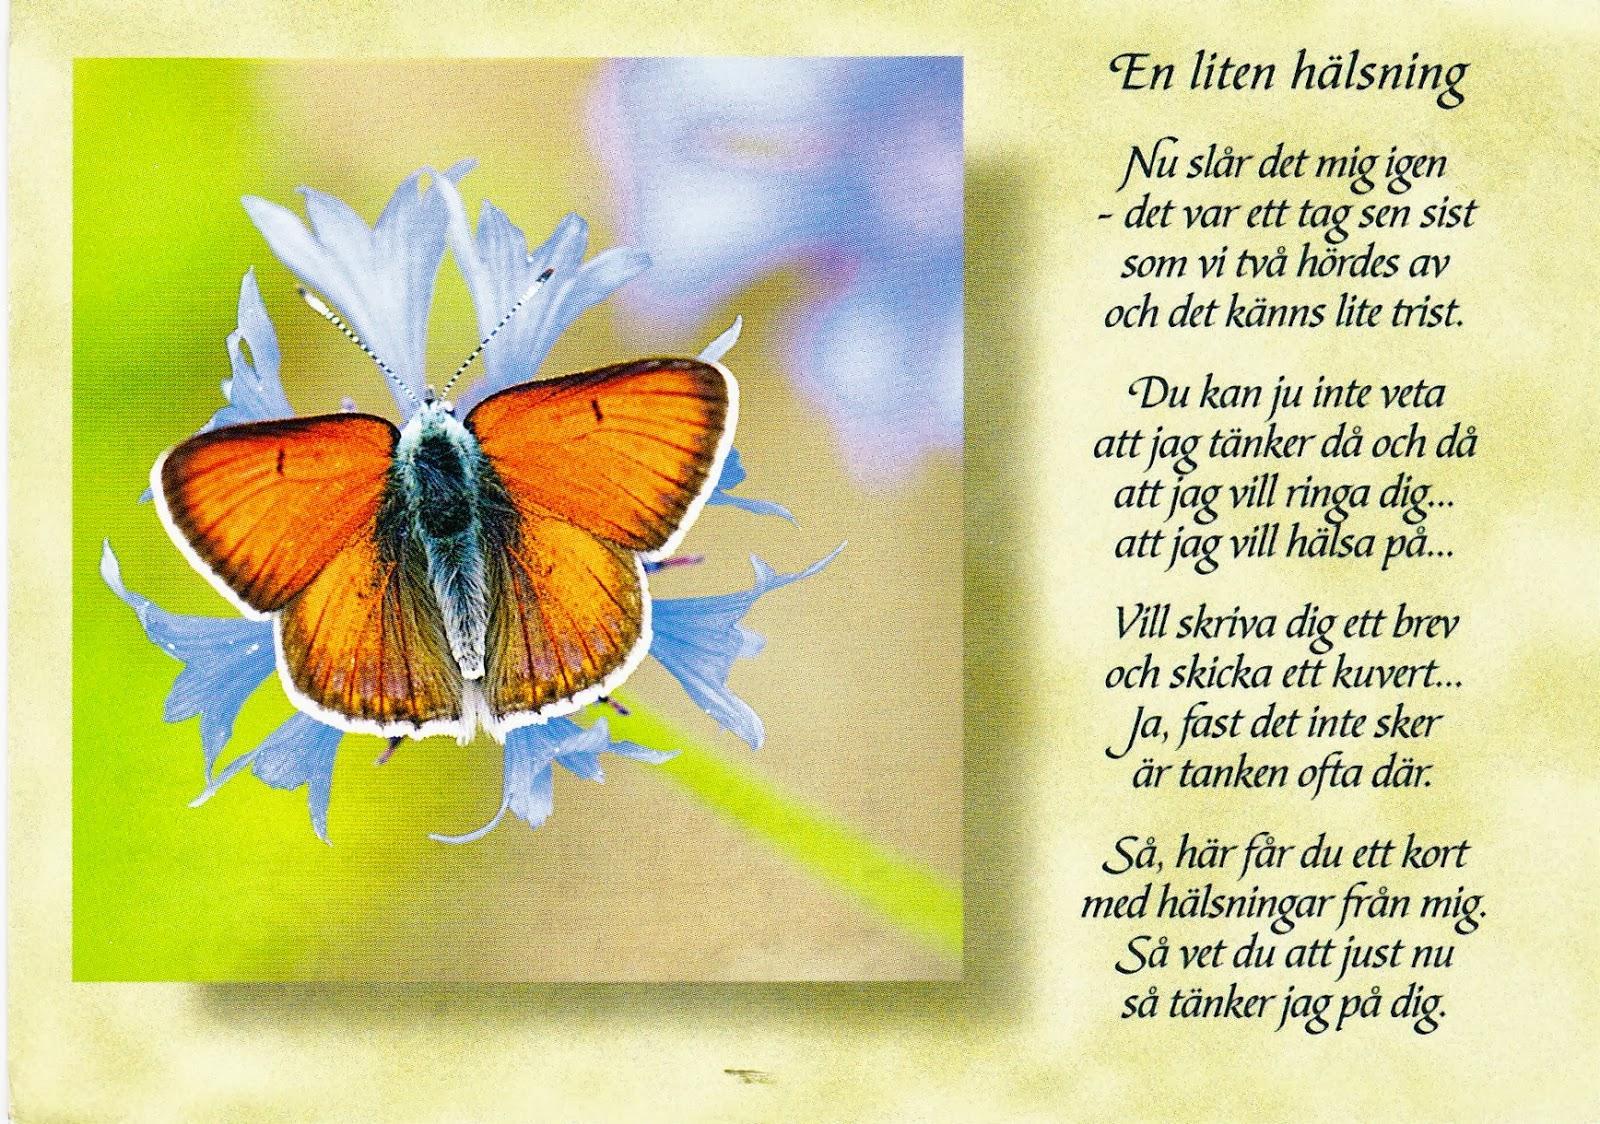 födelsedag hälsning Lilla Solberga: UPPSKATTADE HÄLSNINGAR födelsedag hälsning